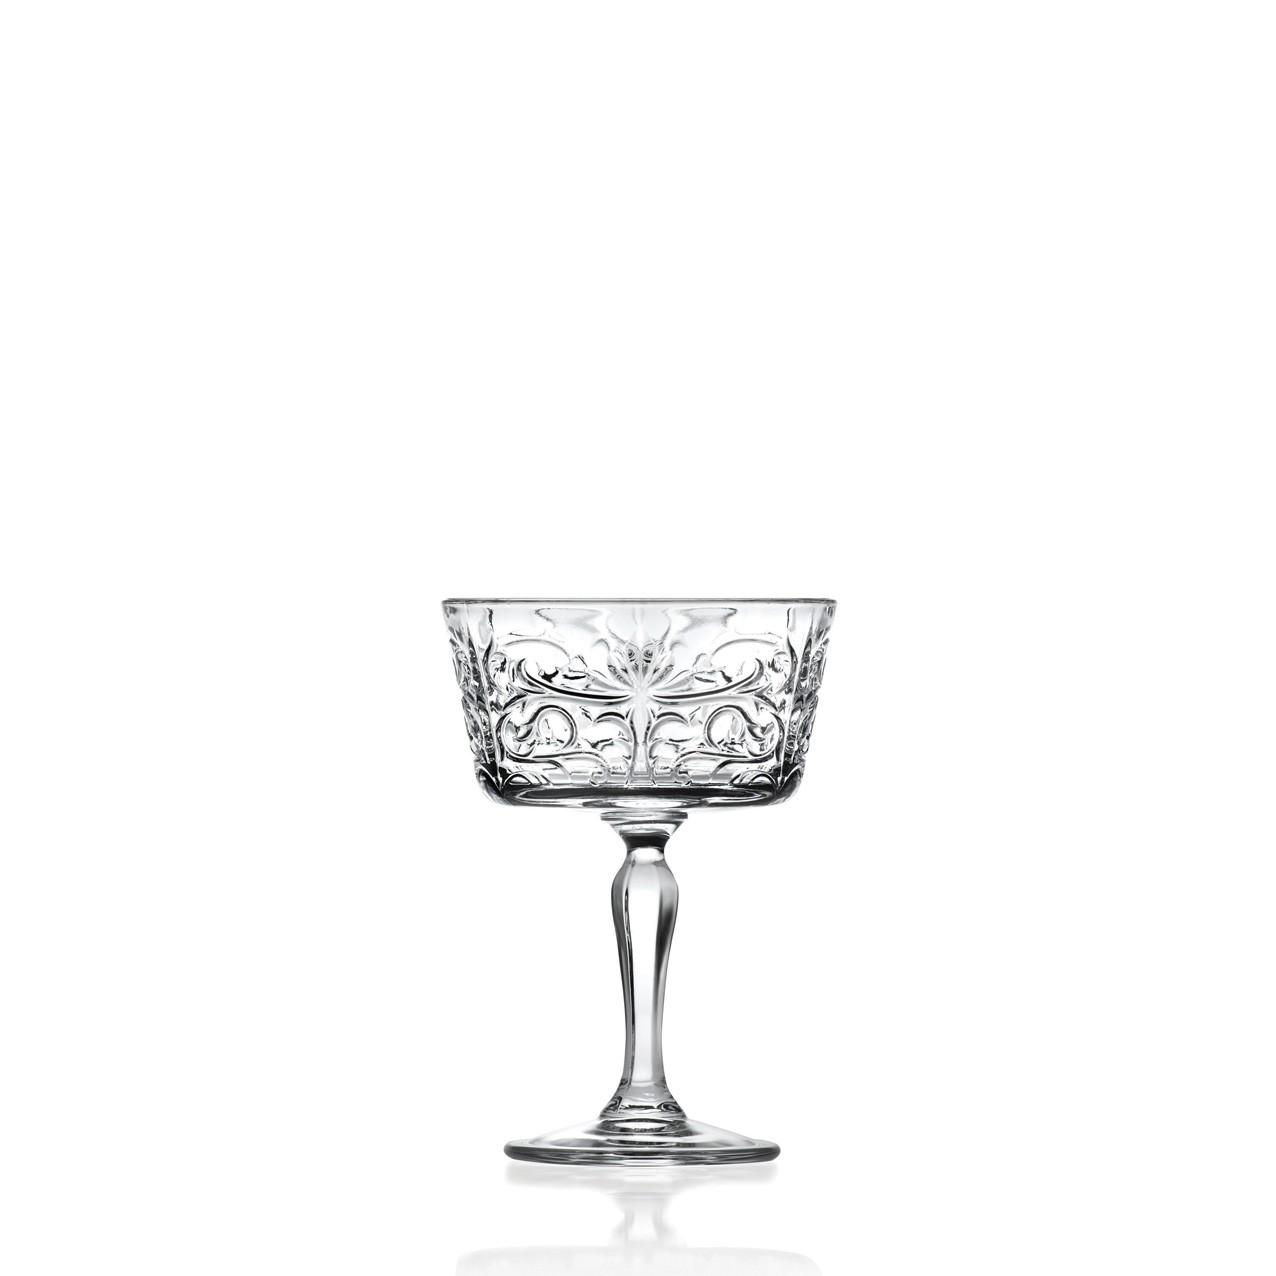 Ποτήρι Κοκτέιλ Κρυστάλλινο Tattoo 268ml Τμχ Rcr home   ειδη σερβιρισματος   ποτήρια   cocktail   ειδικά ποτήρια